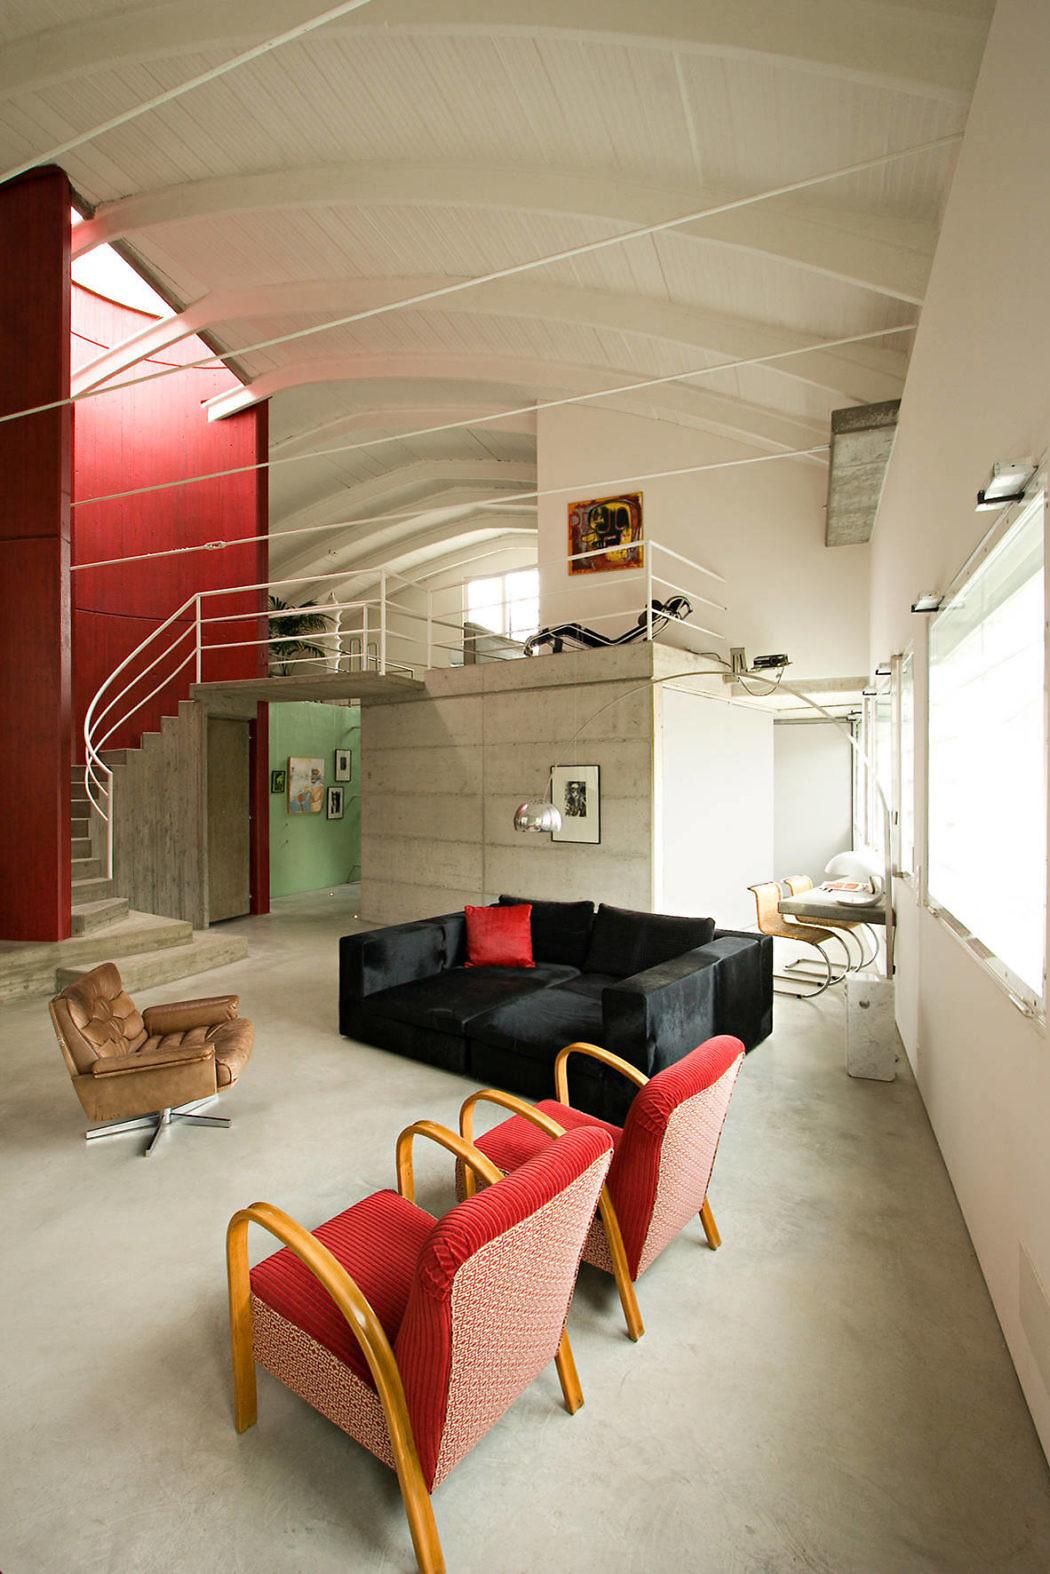 Industrial Home in Correggio